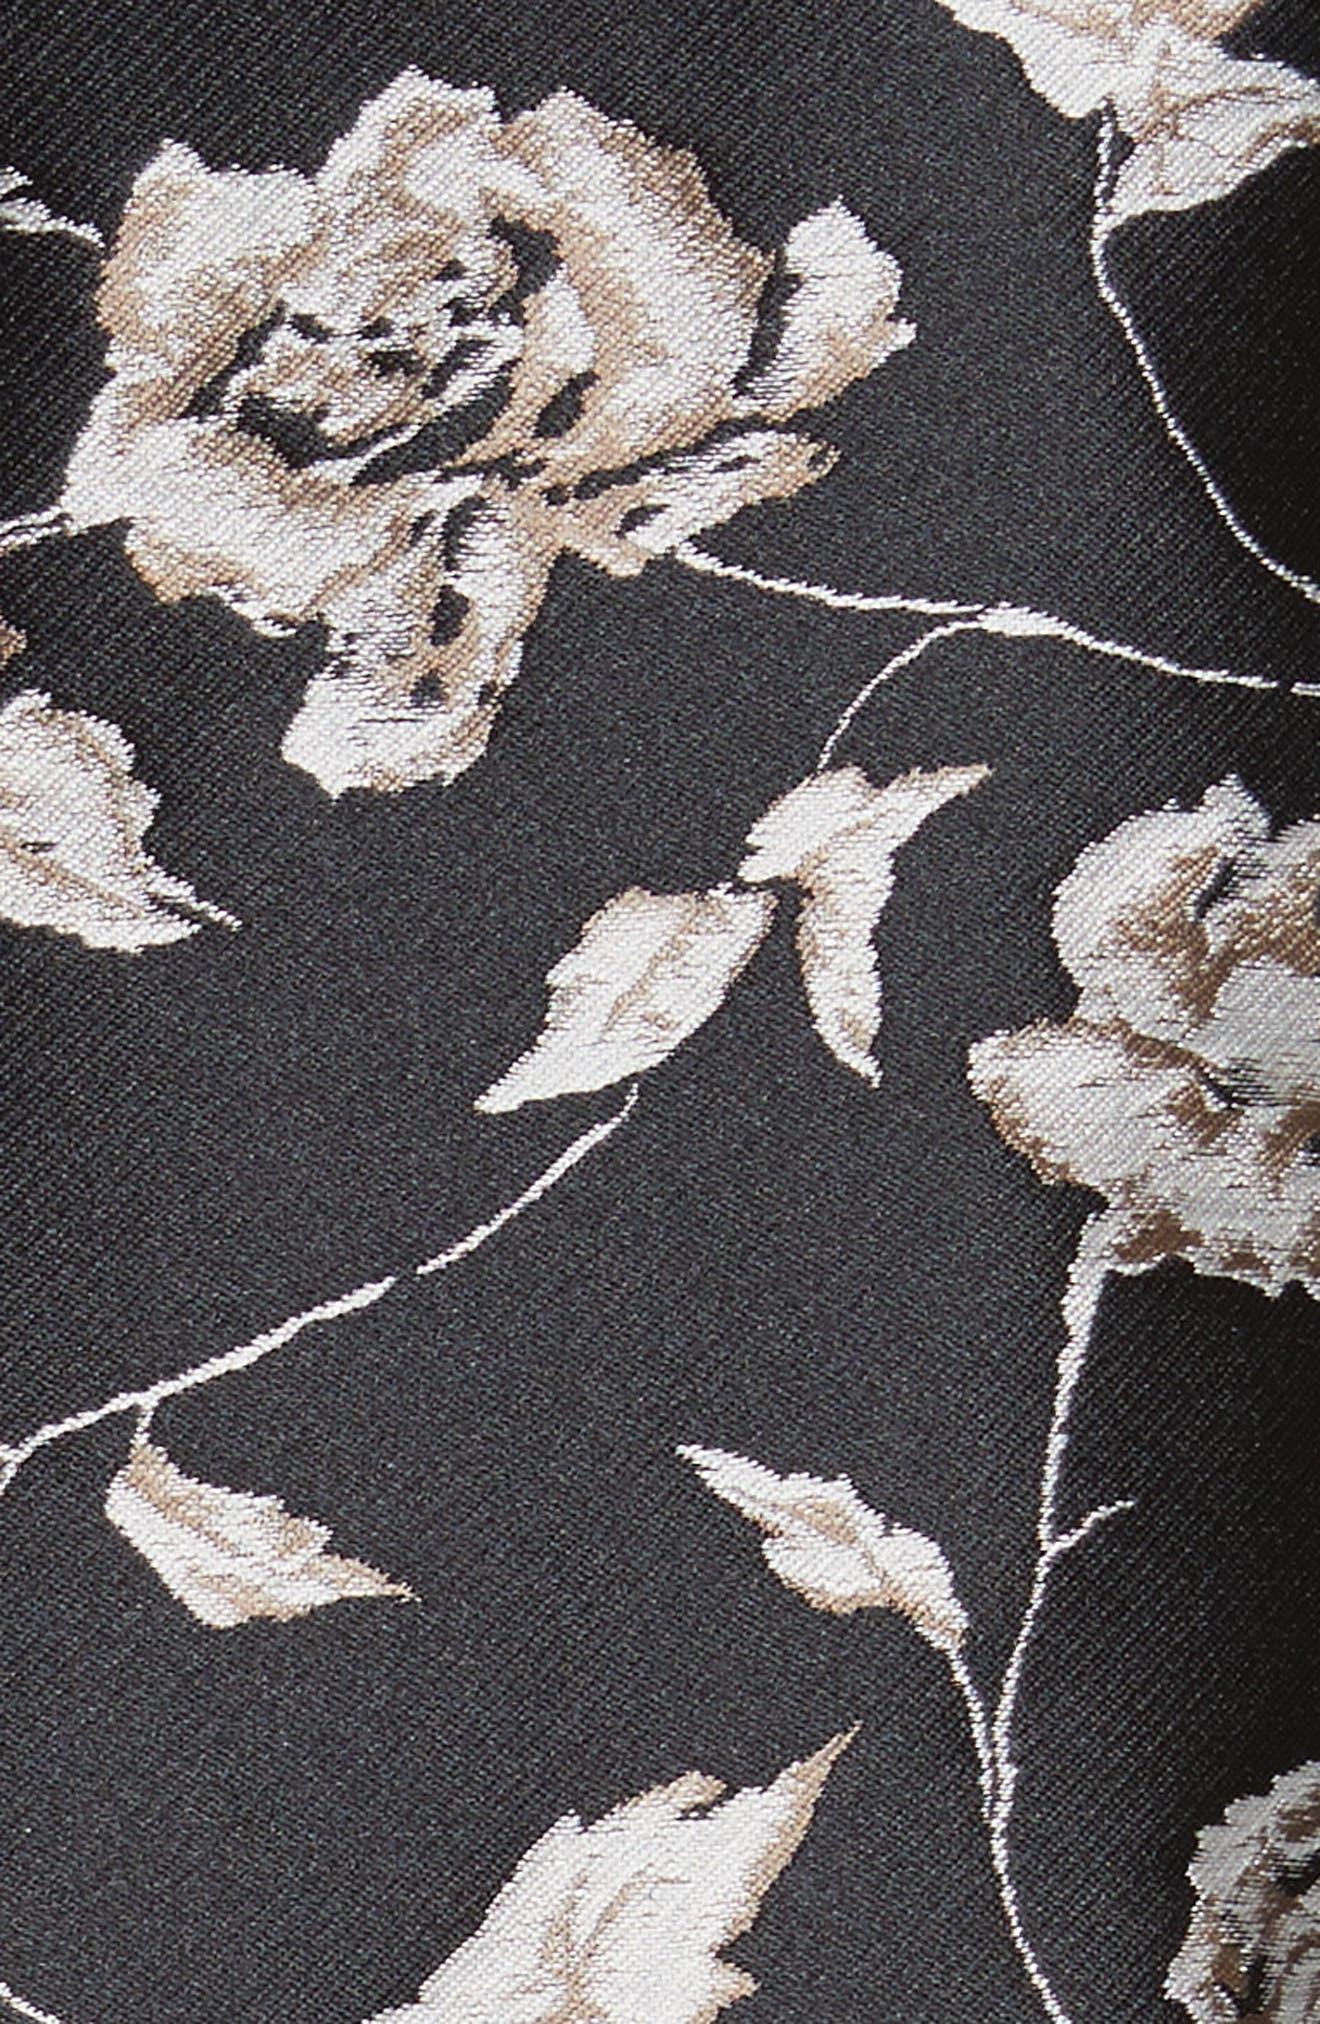 Carmen Marc Valvo Floral Jacquard Jacket,                             Alternate thumbnail 5, color,                             001